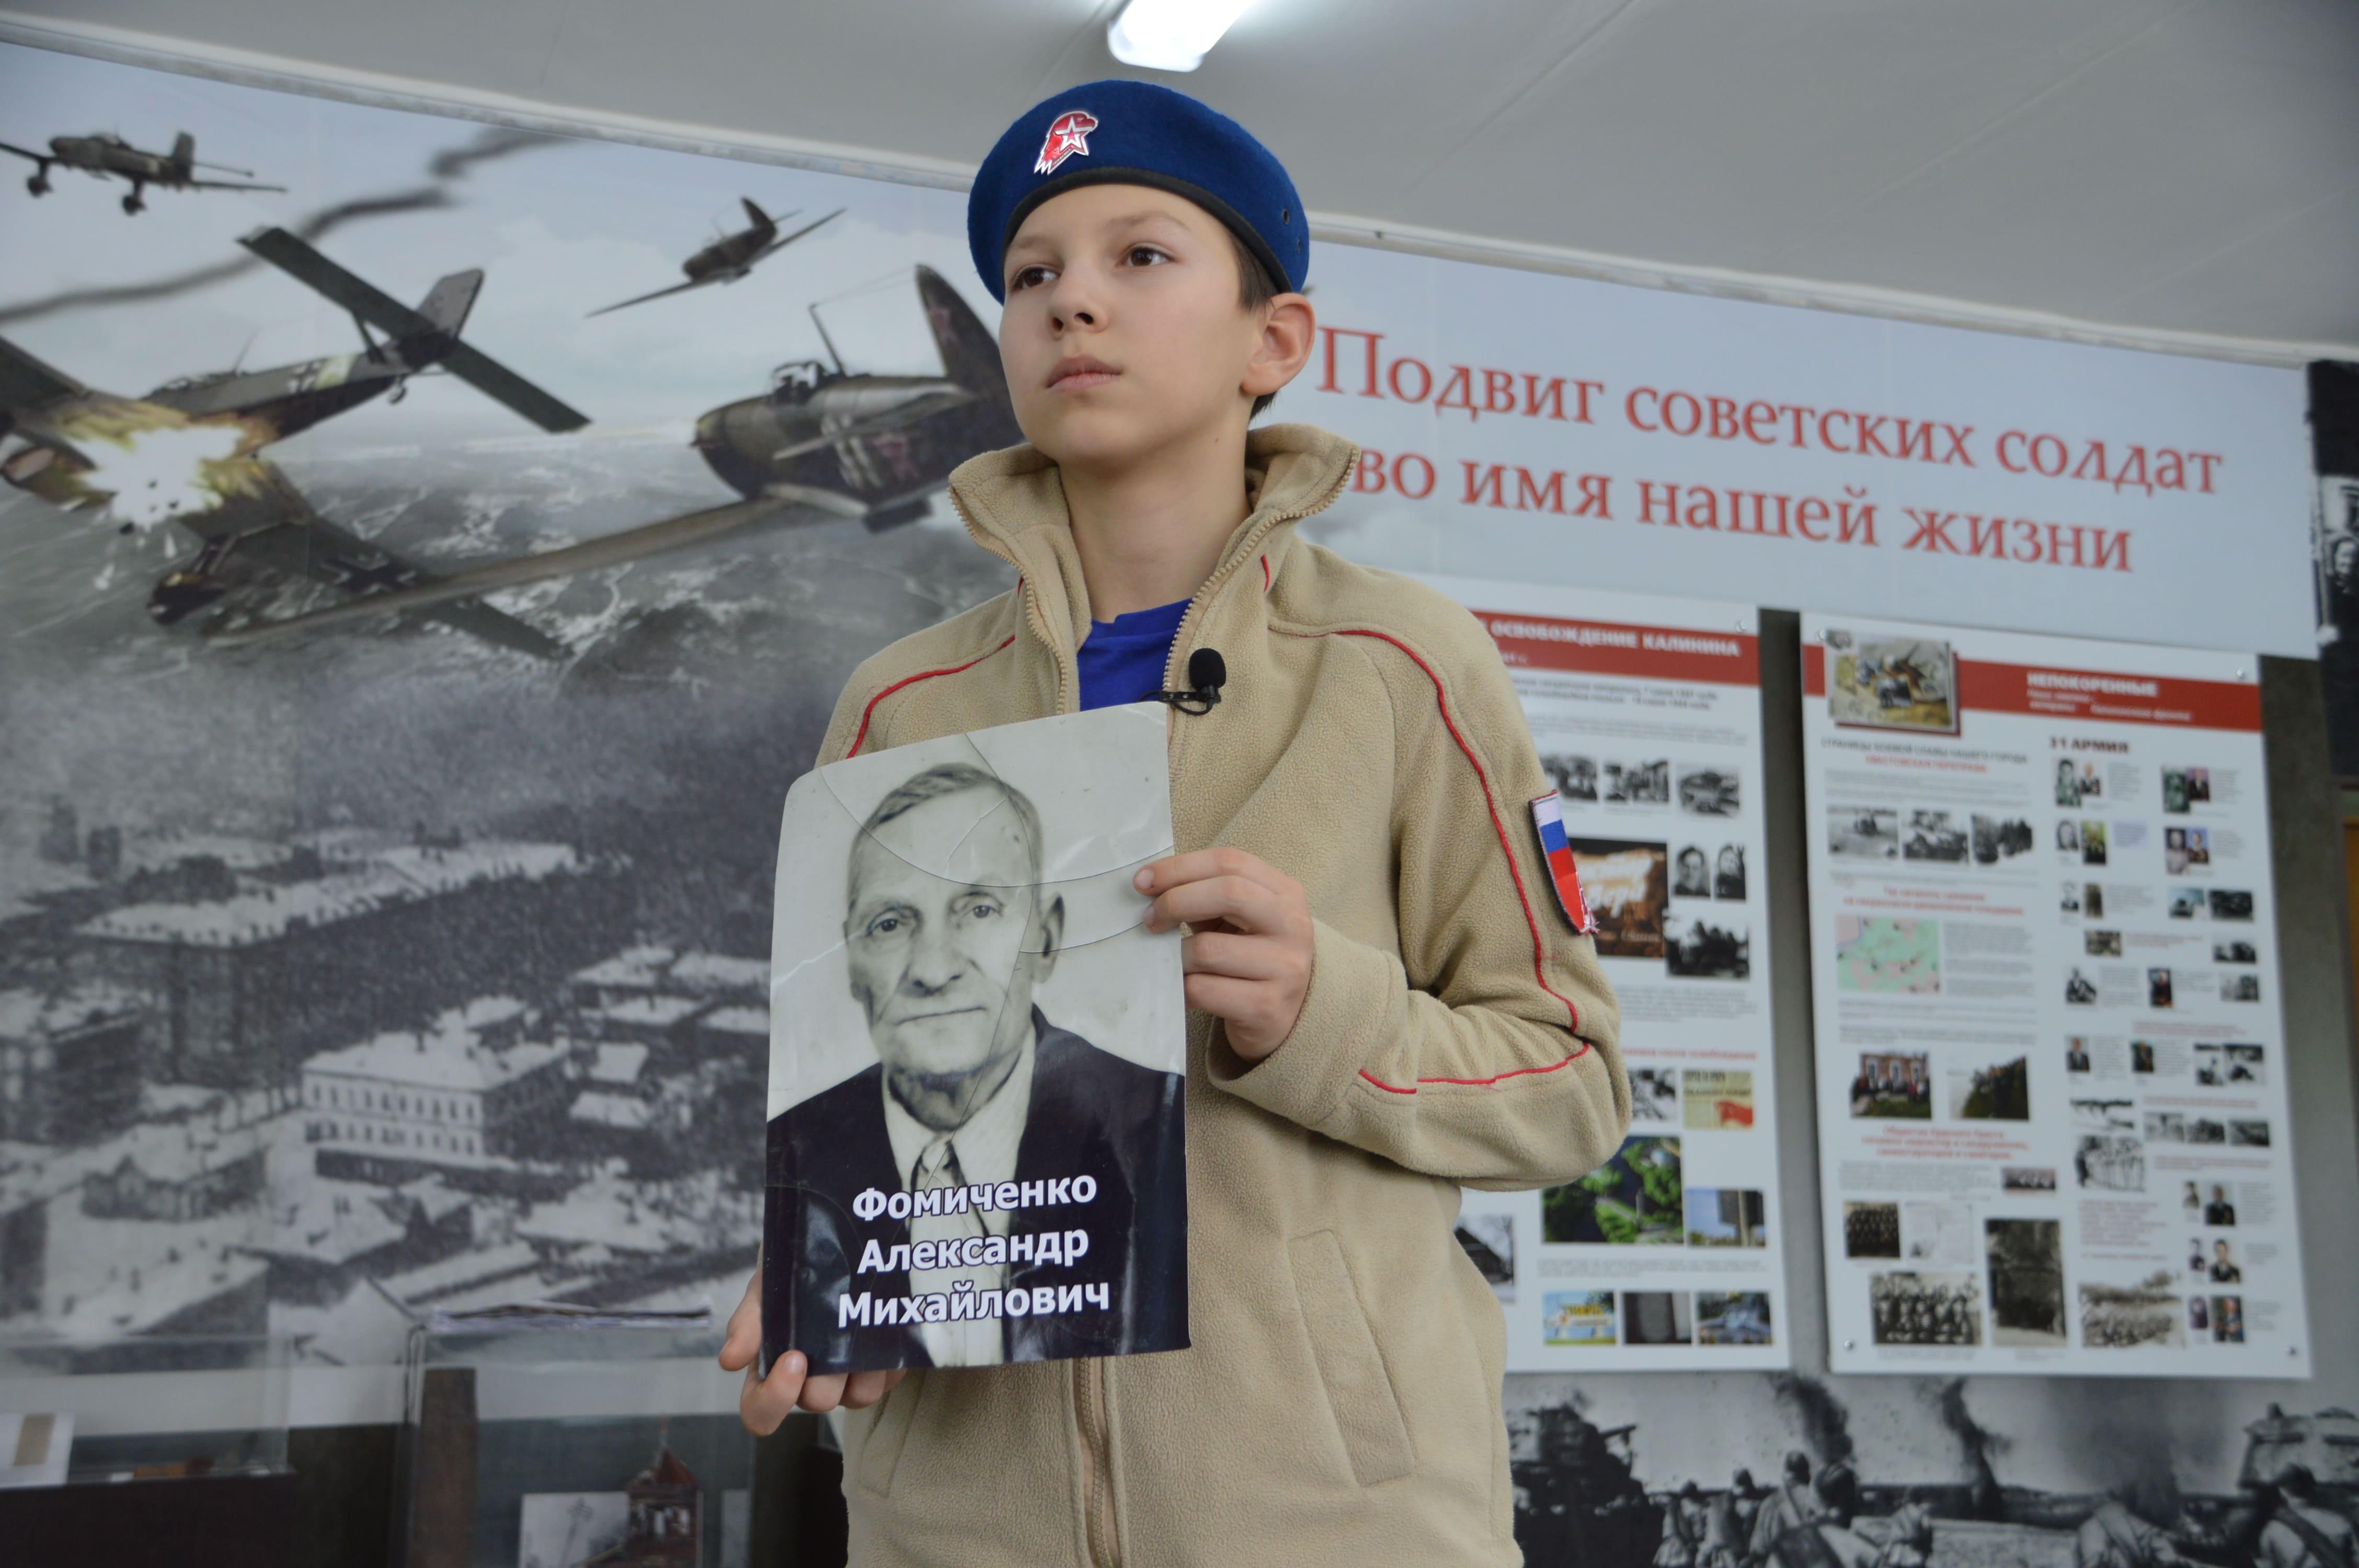 В Твери День защитника Отечества отмечают патриотическими акциями